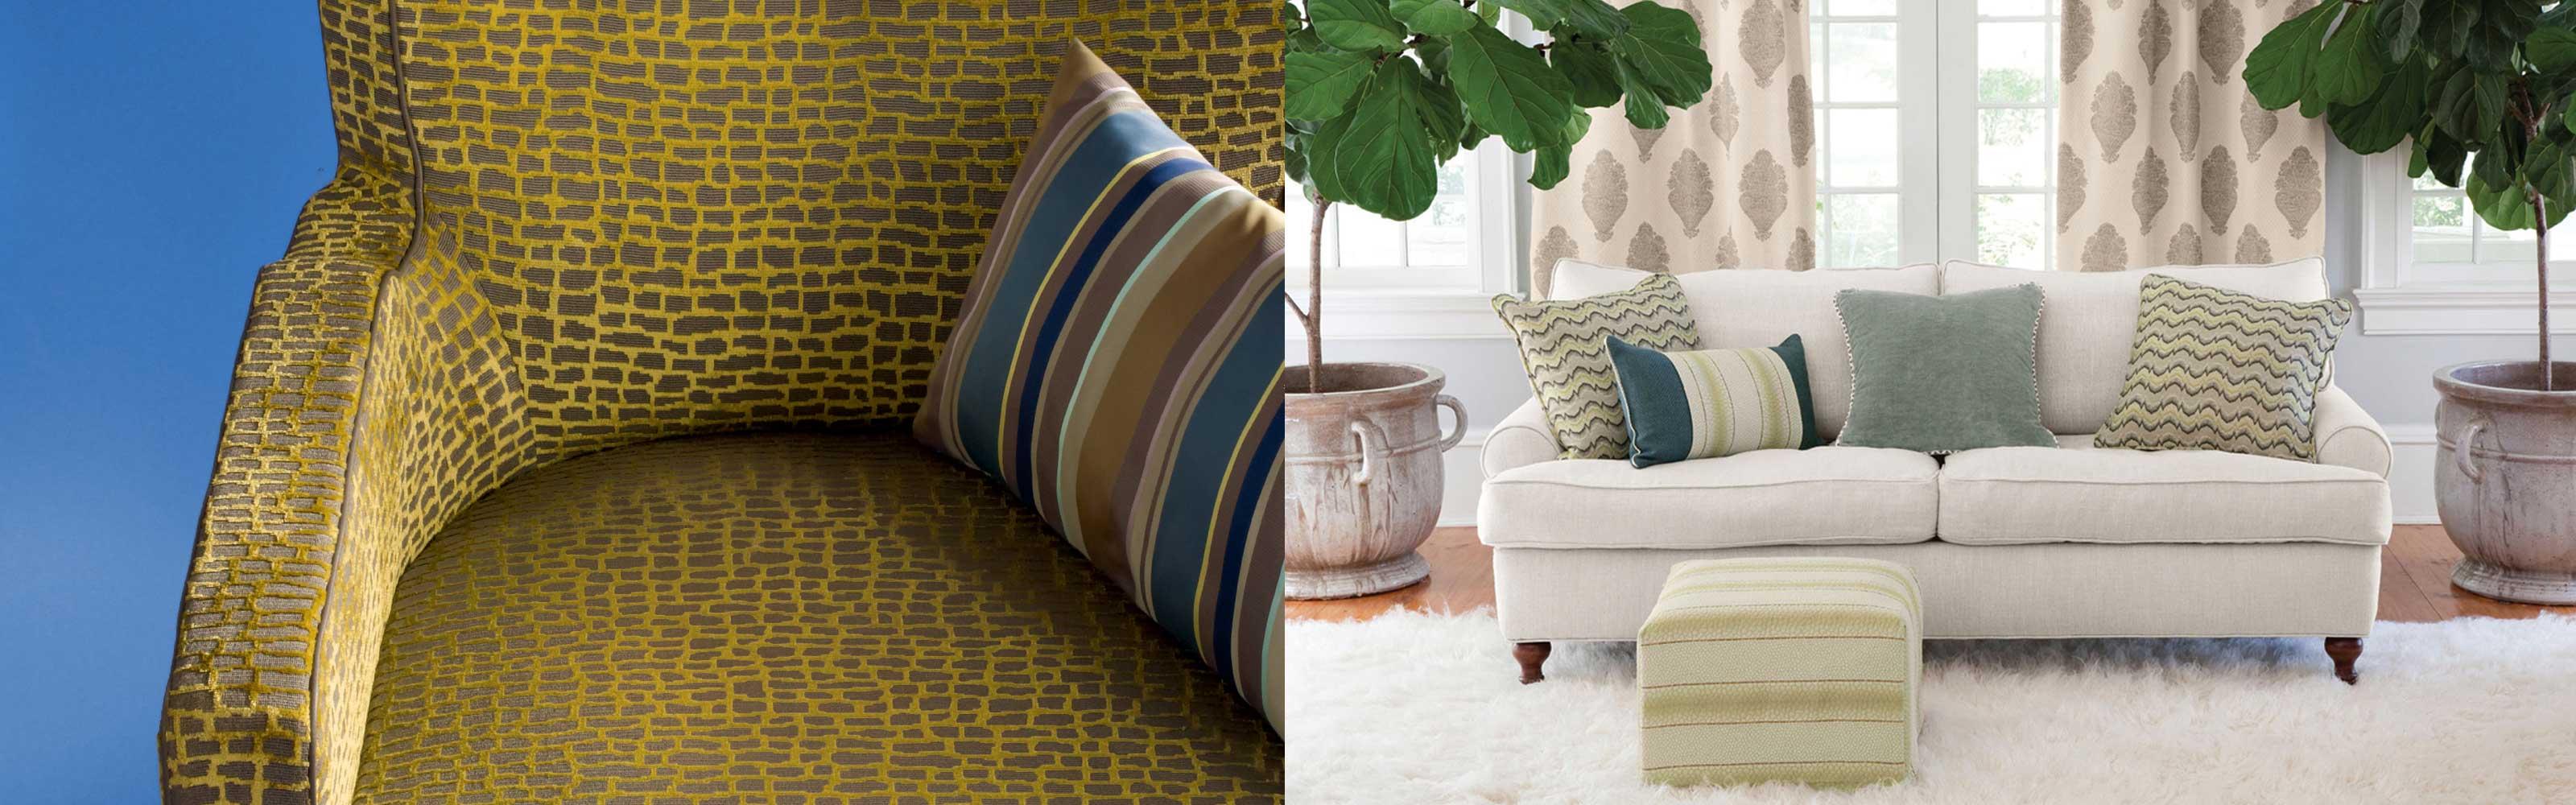 zimmer rohde ltd decoration design building. Black Bedroom Furniture Sets. Home Design Ideas